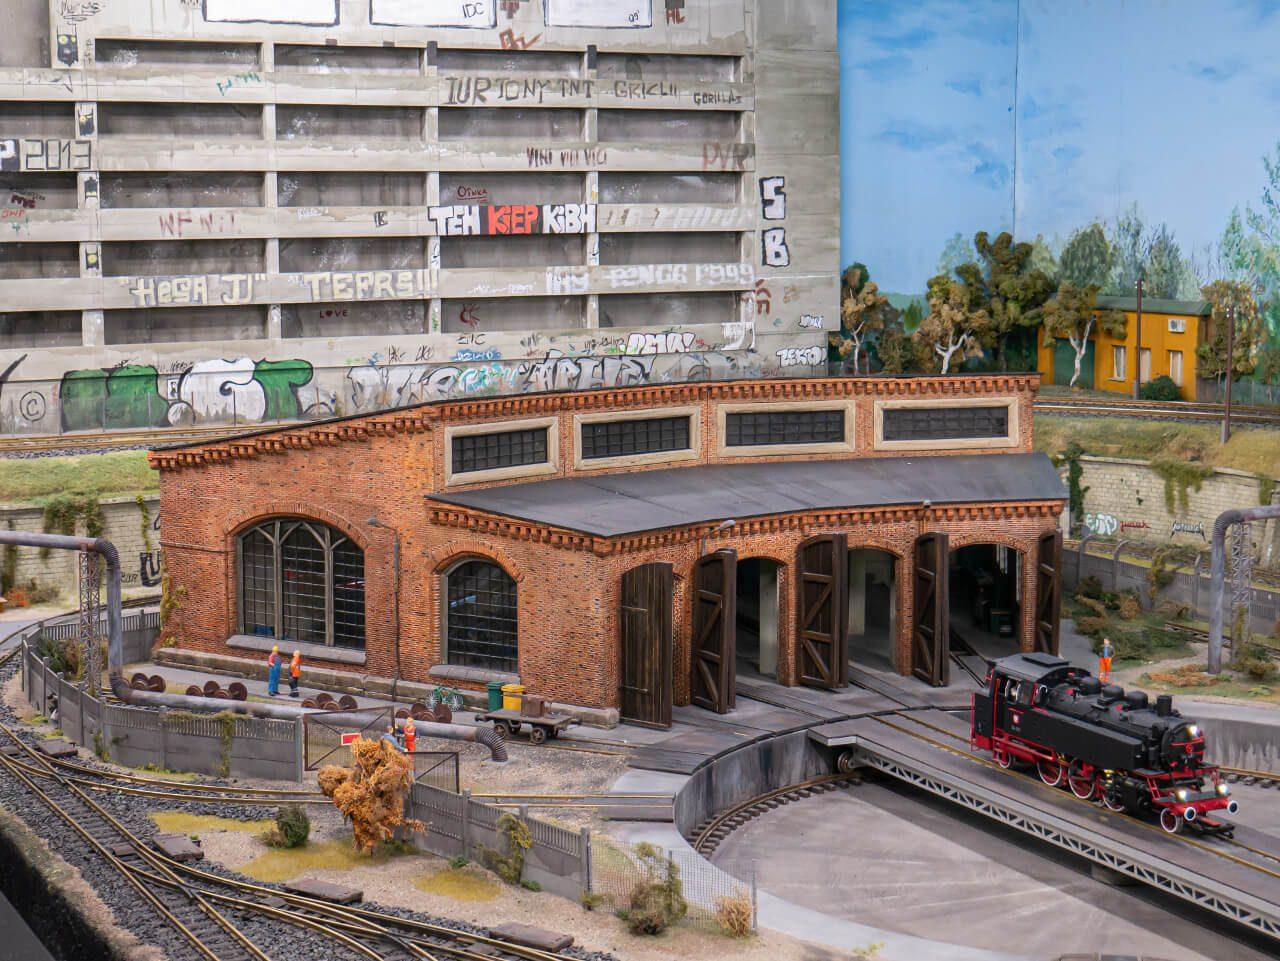 makieta kolejowa Kolejkowo lokomotywownia